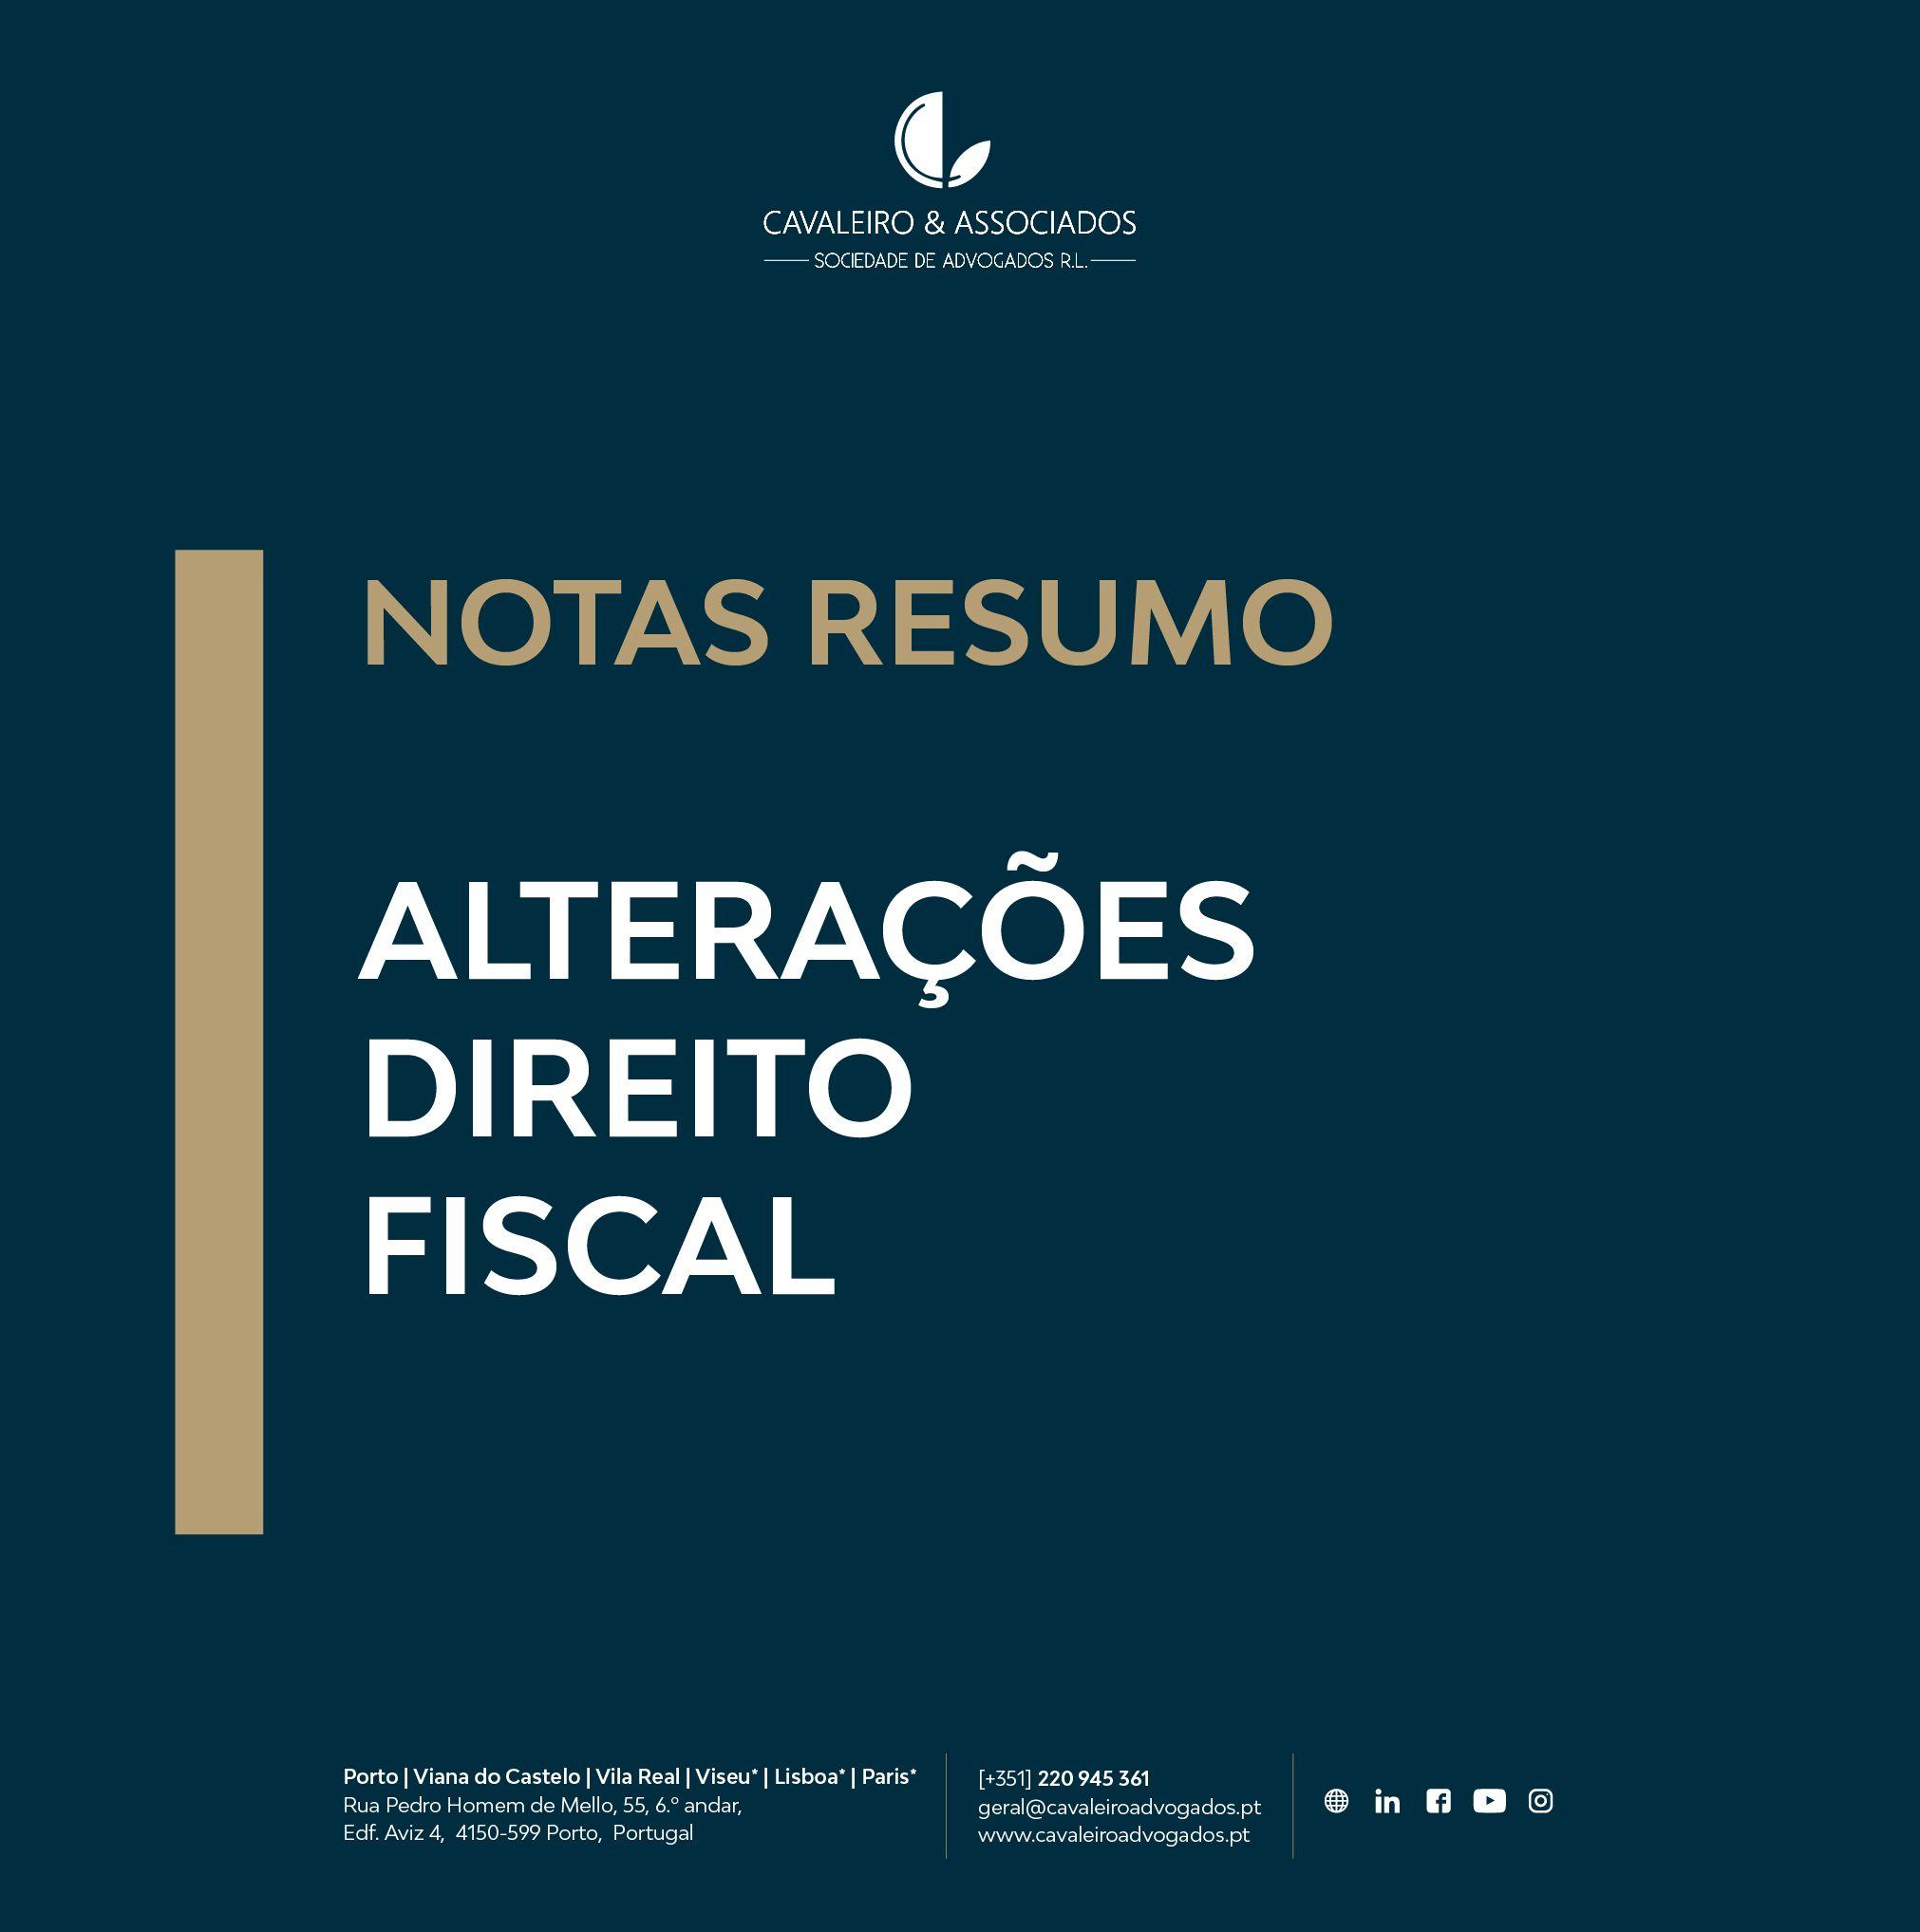 ALTERAÇÕES DIREITO FISCAL